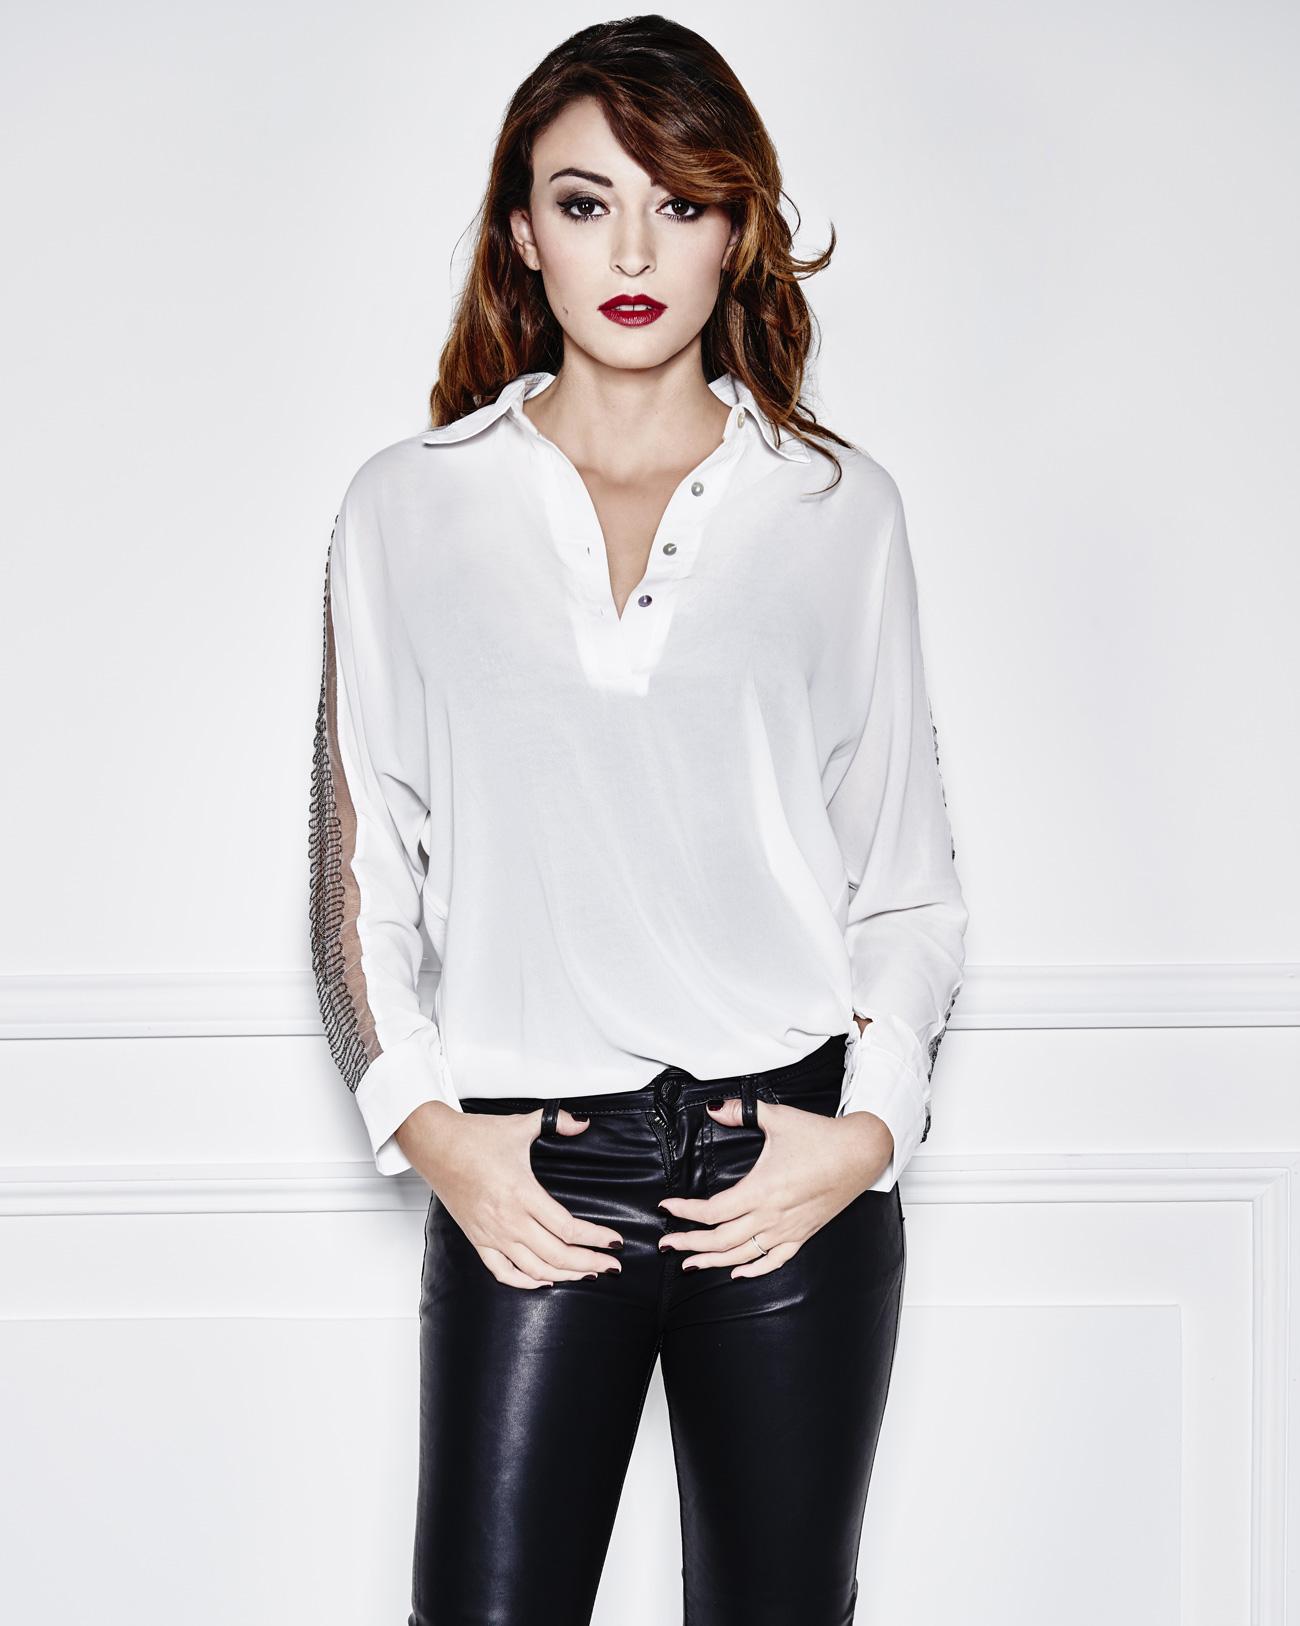 Rachel L